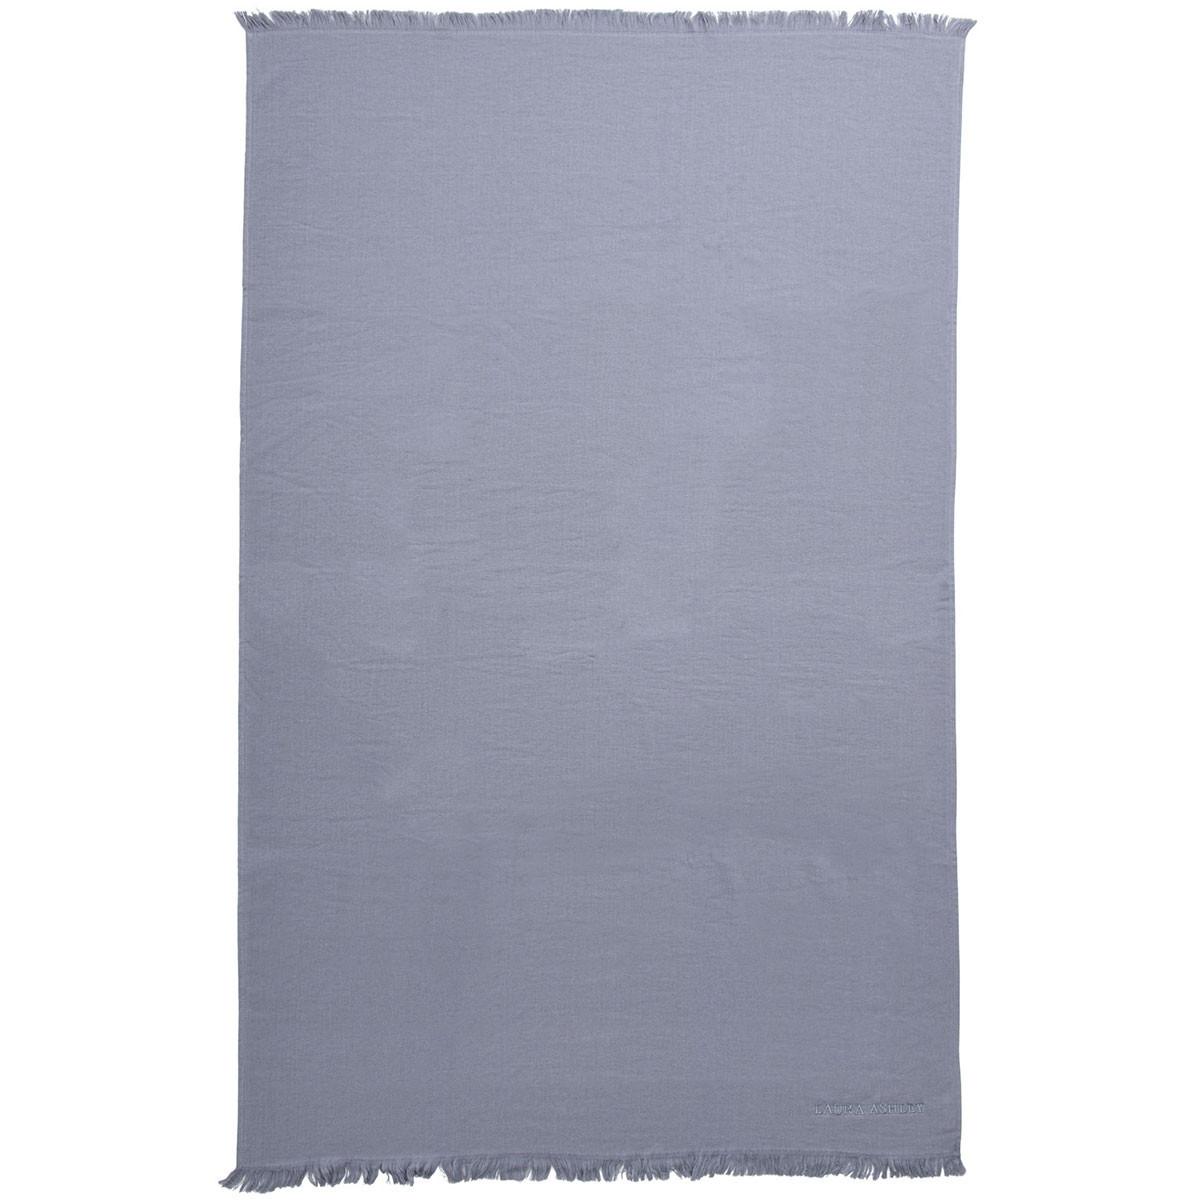 Πετσέτα Θαλάσσης Laura Ashley Solo Grey